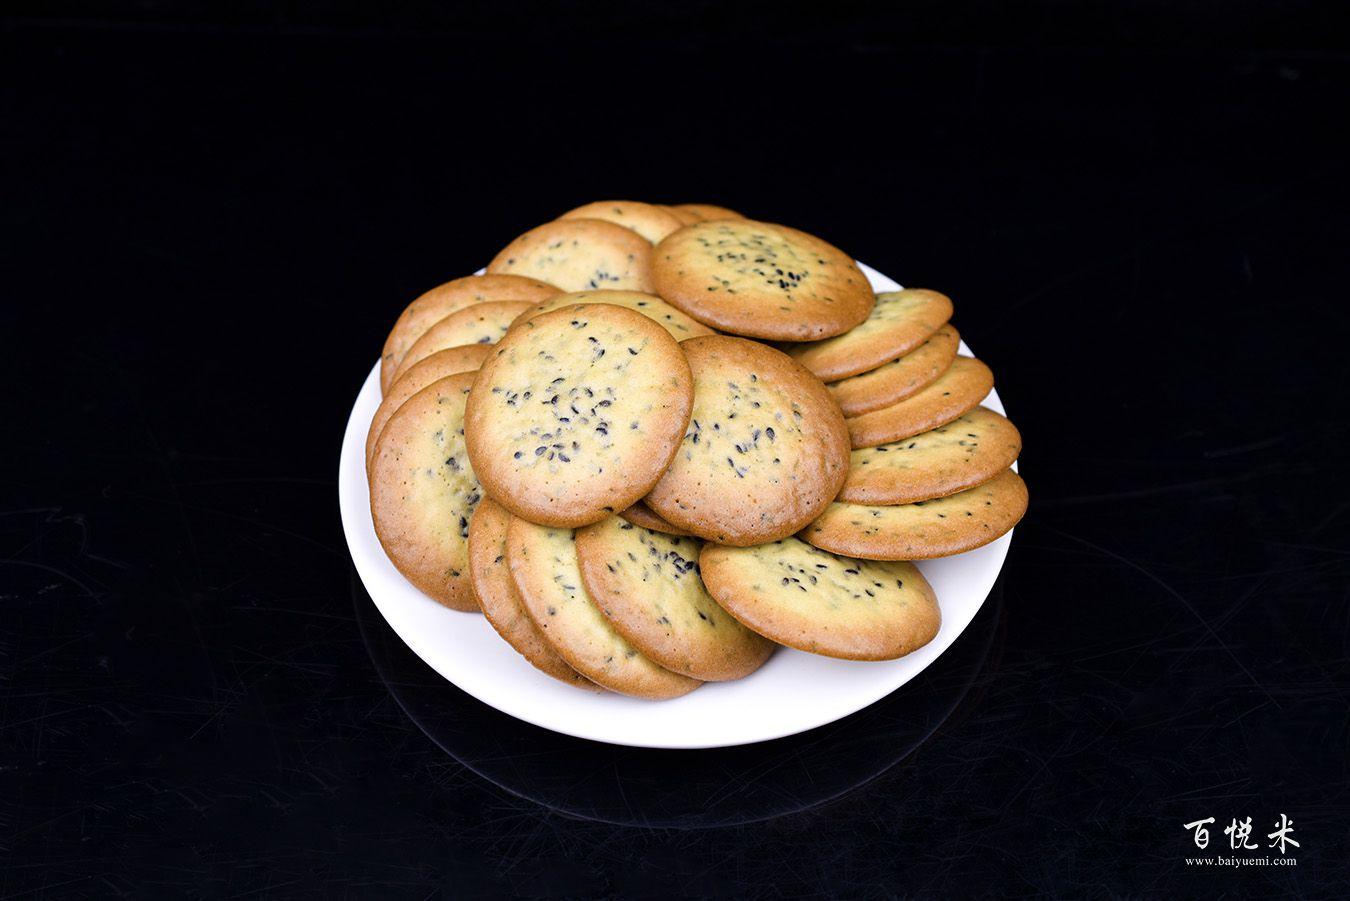 黑芝麻鸡蛋瓦片饼干高清图片大全【蛋糕图片】_996